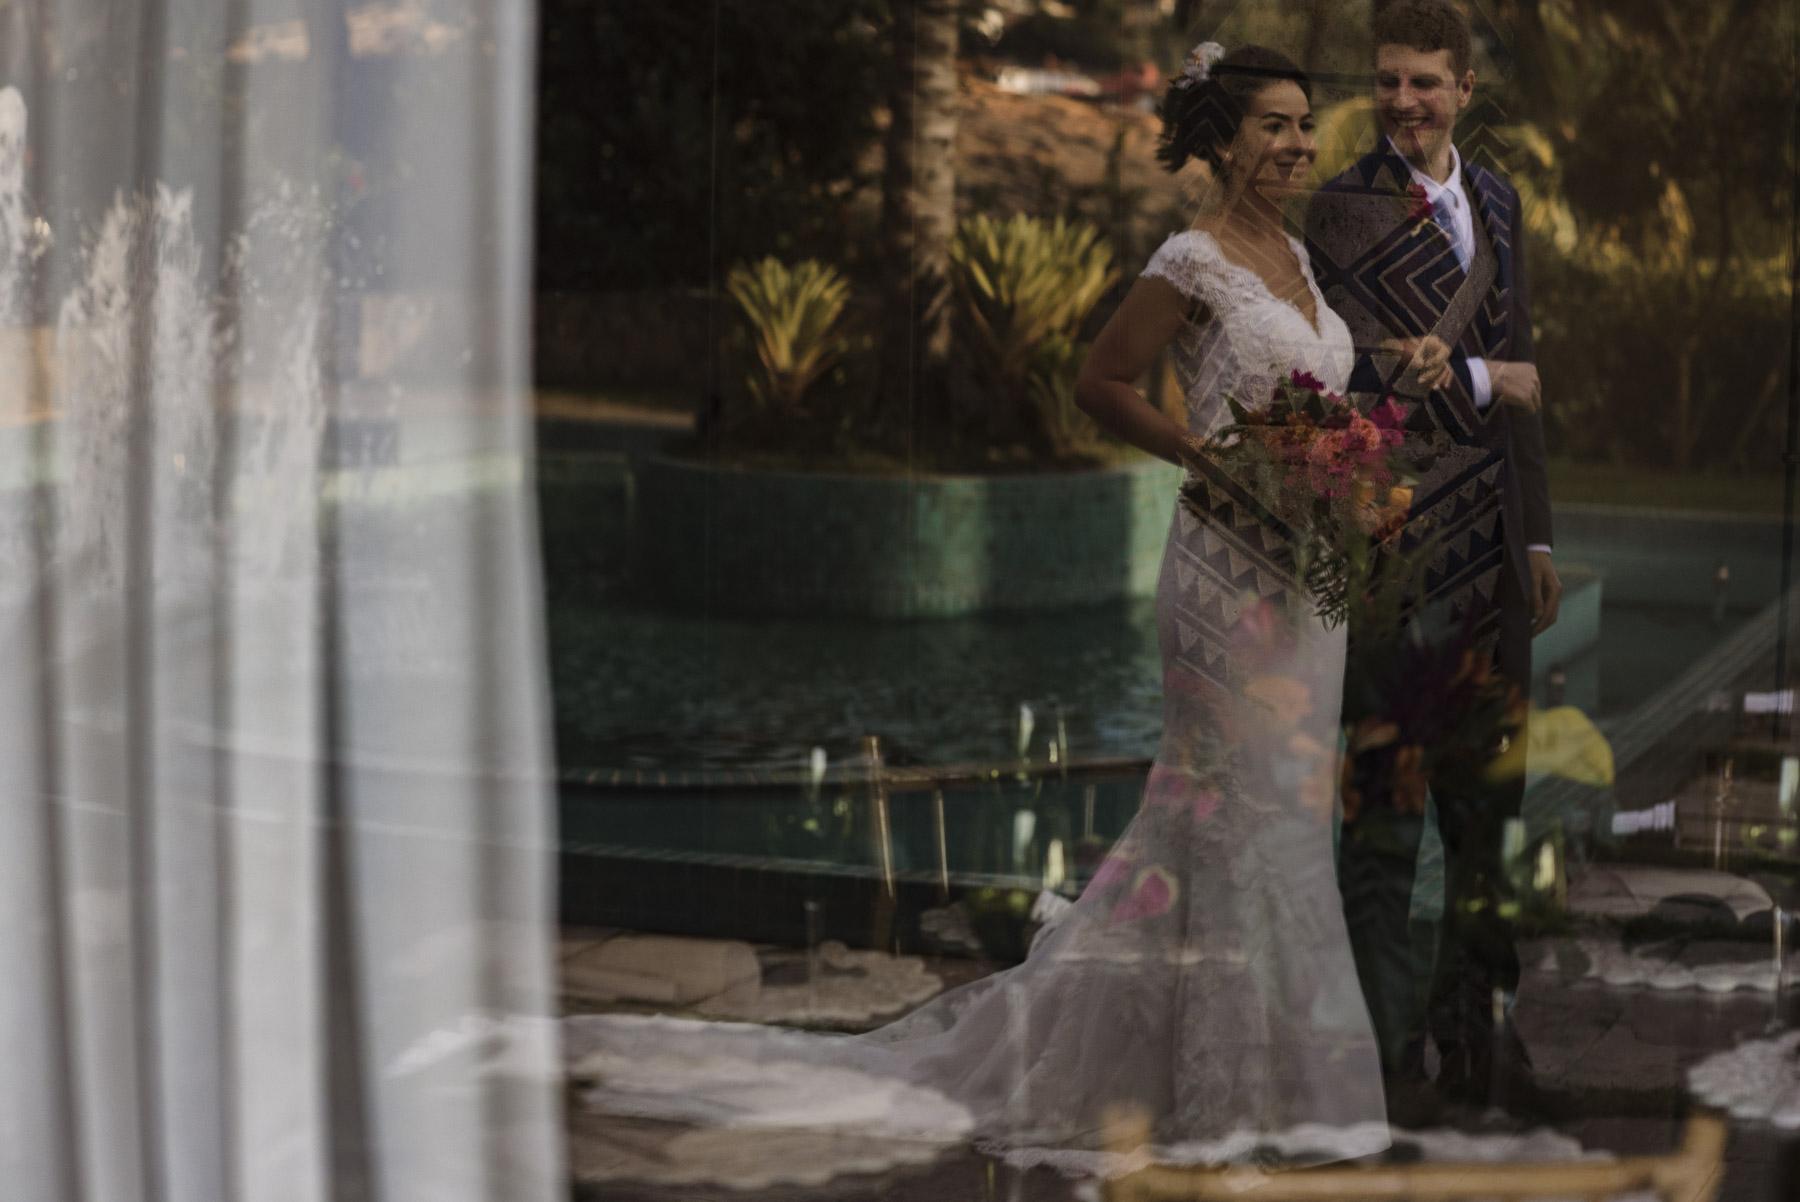 Rio de Janeiro - Image de la cérémonie de mariage au Brésil Ensemble, ils marchent vers la cérémonie de mariage